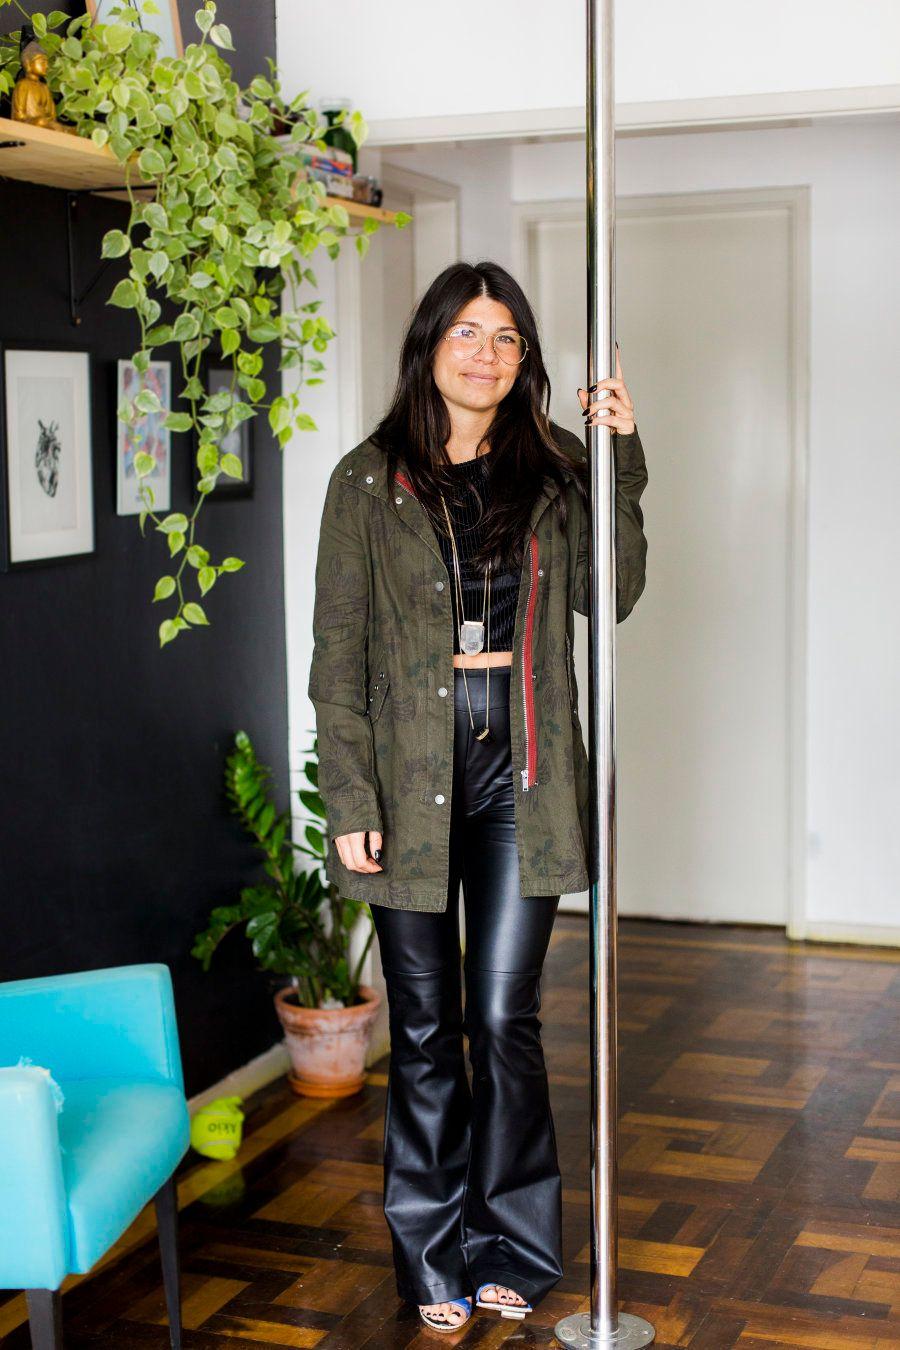 O cabo de pole dance no meio da sala de Laura é o símbolo do autocuidado que ela tem consigo mesma para...